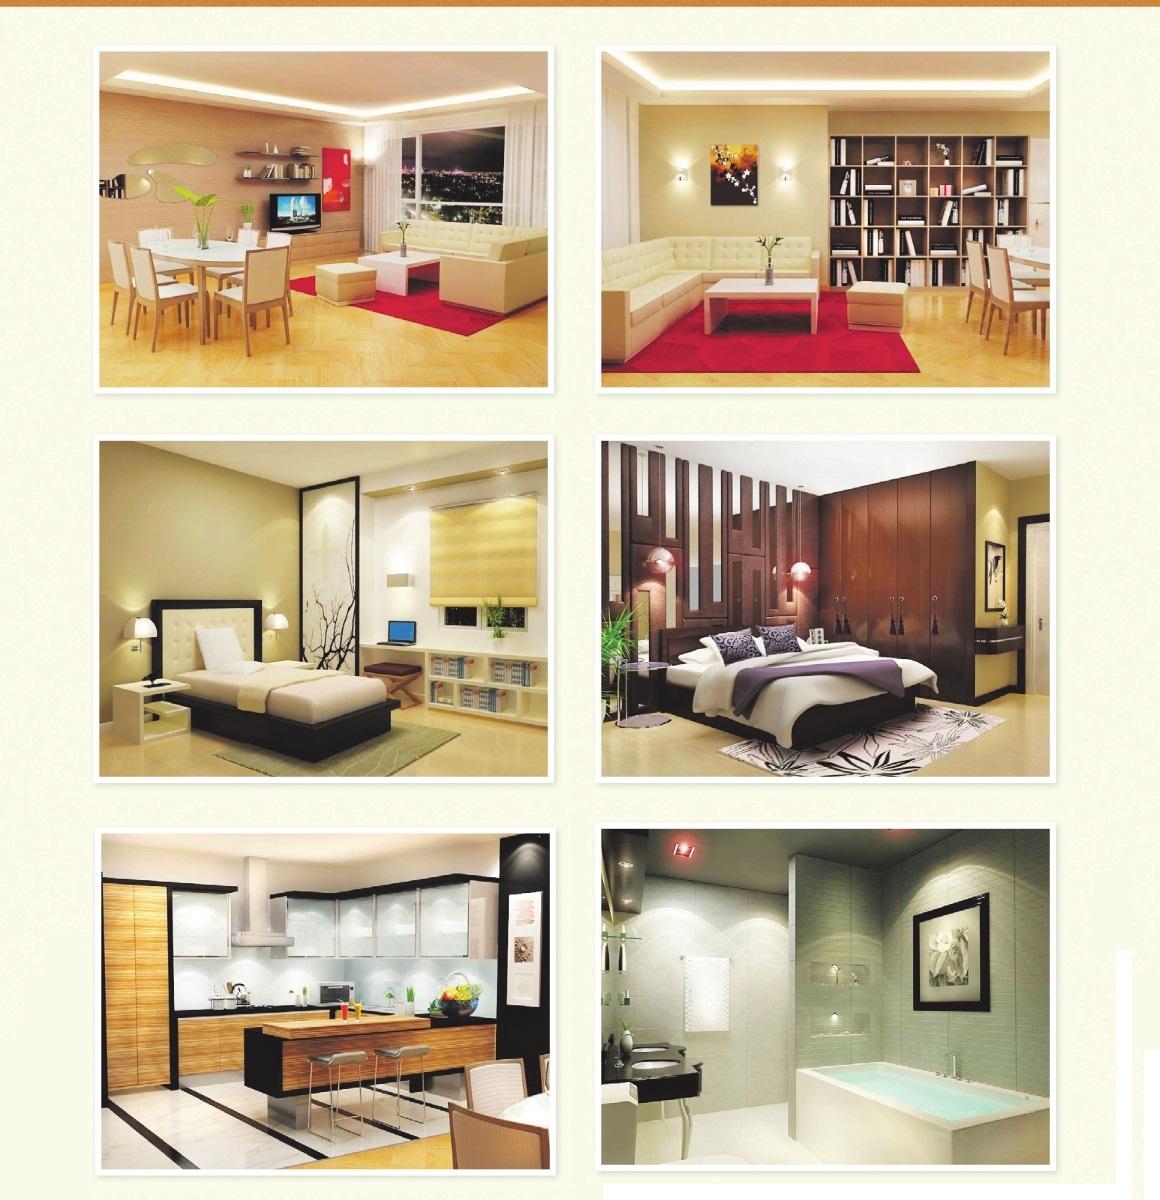 Cho thuê căn hộ chung cư Thảo Điền Pearl